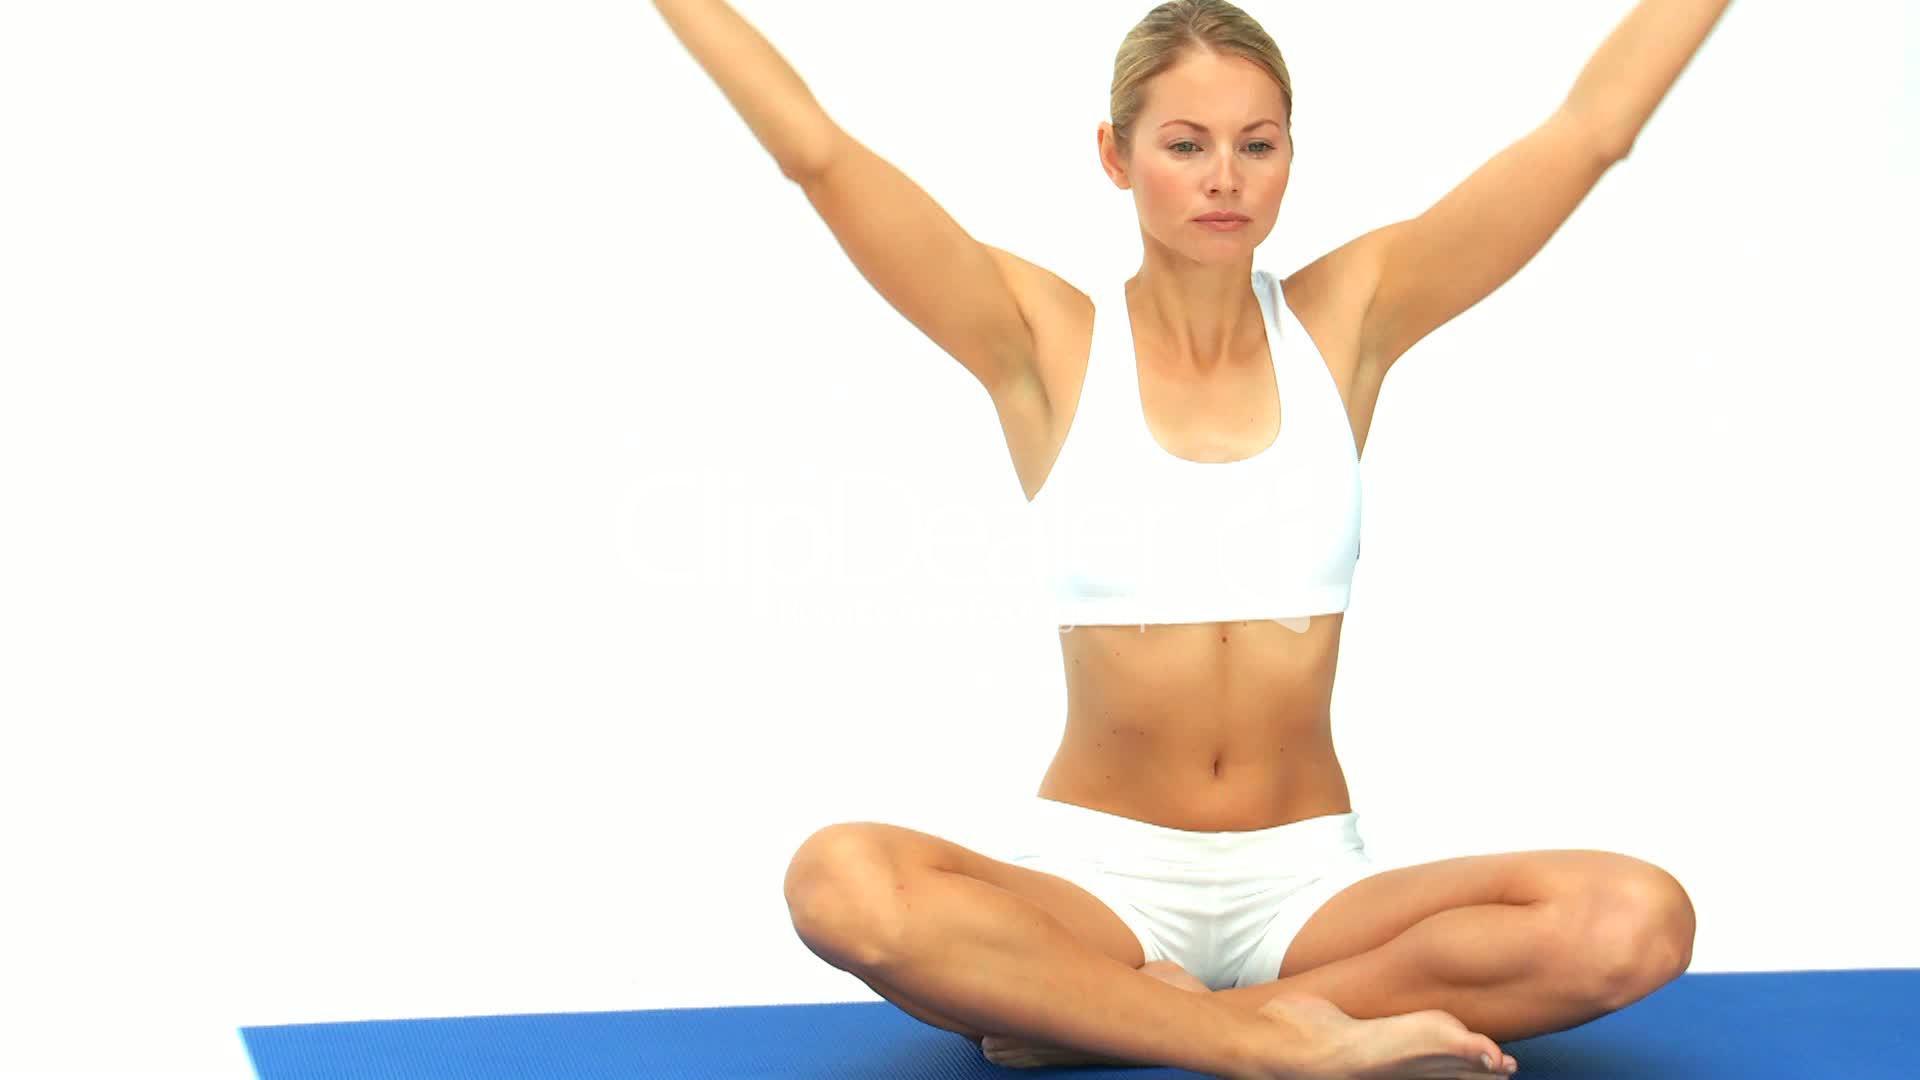 Дыхательное упражнение для похудения видео